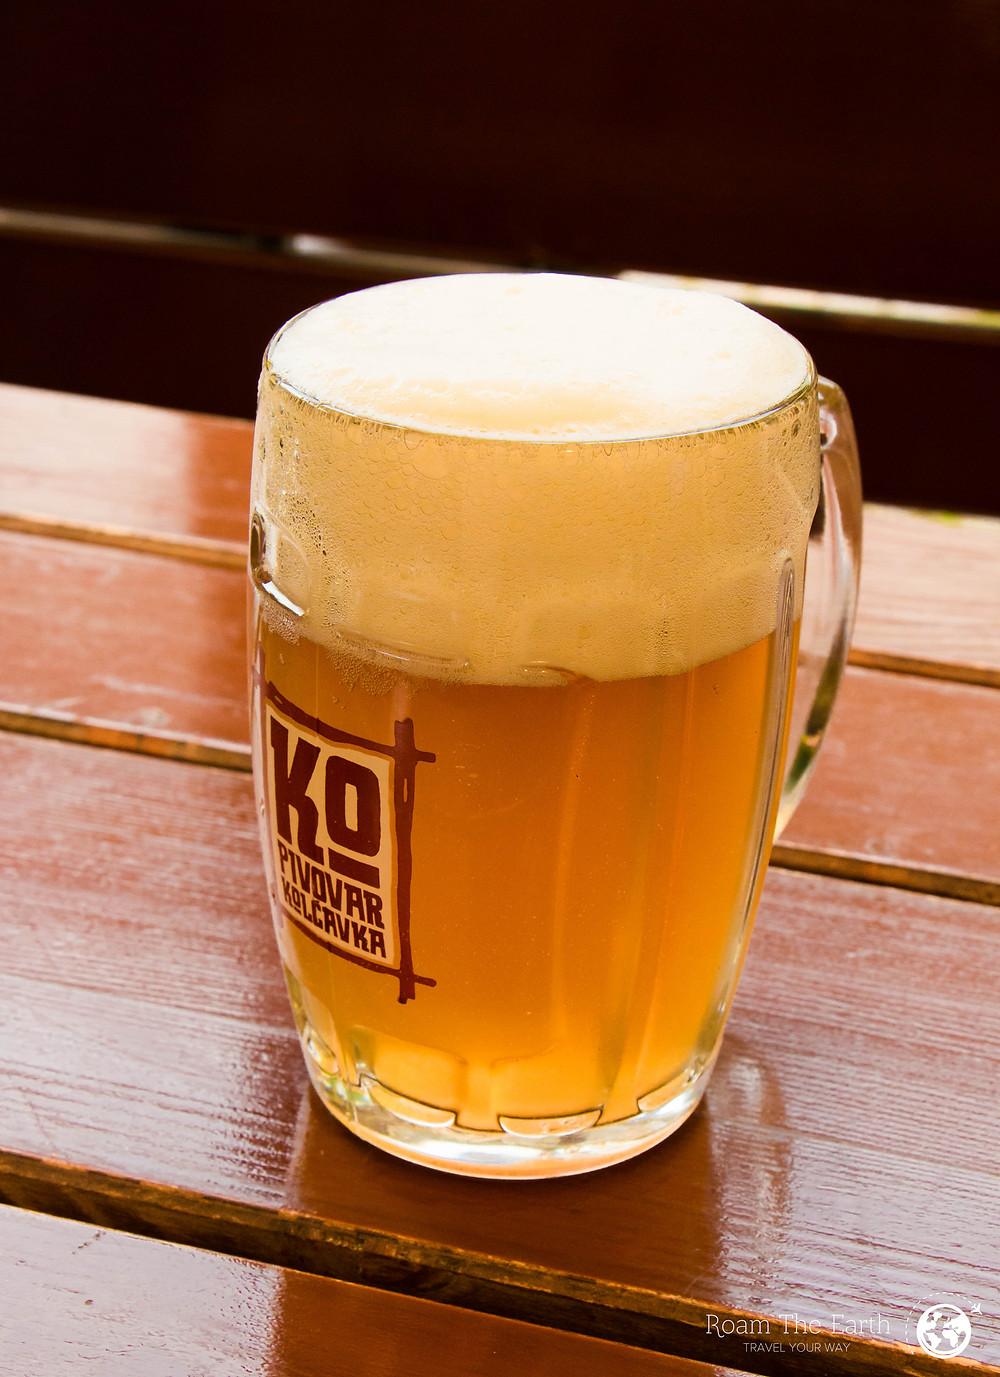 The Beer of Prague